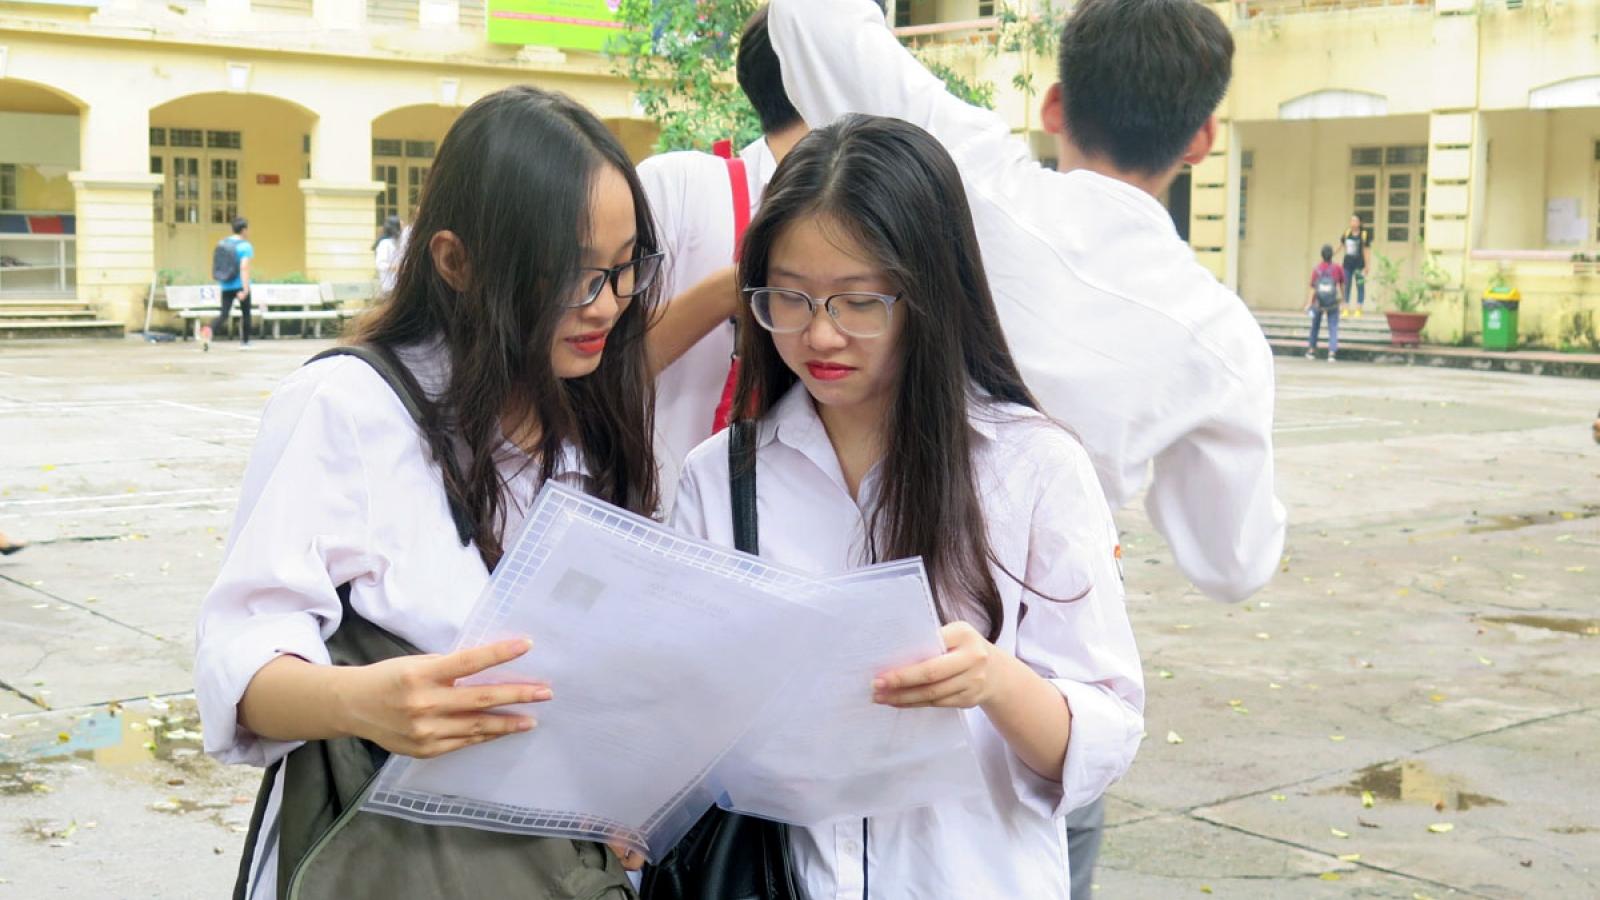 Giáo viên dự đoán phổ điểm môn tiếng Anh thi tốt nghiệp THPT đợt 2 từ 5-6